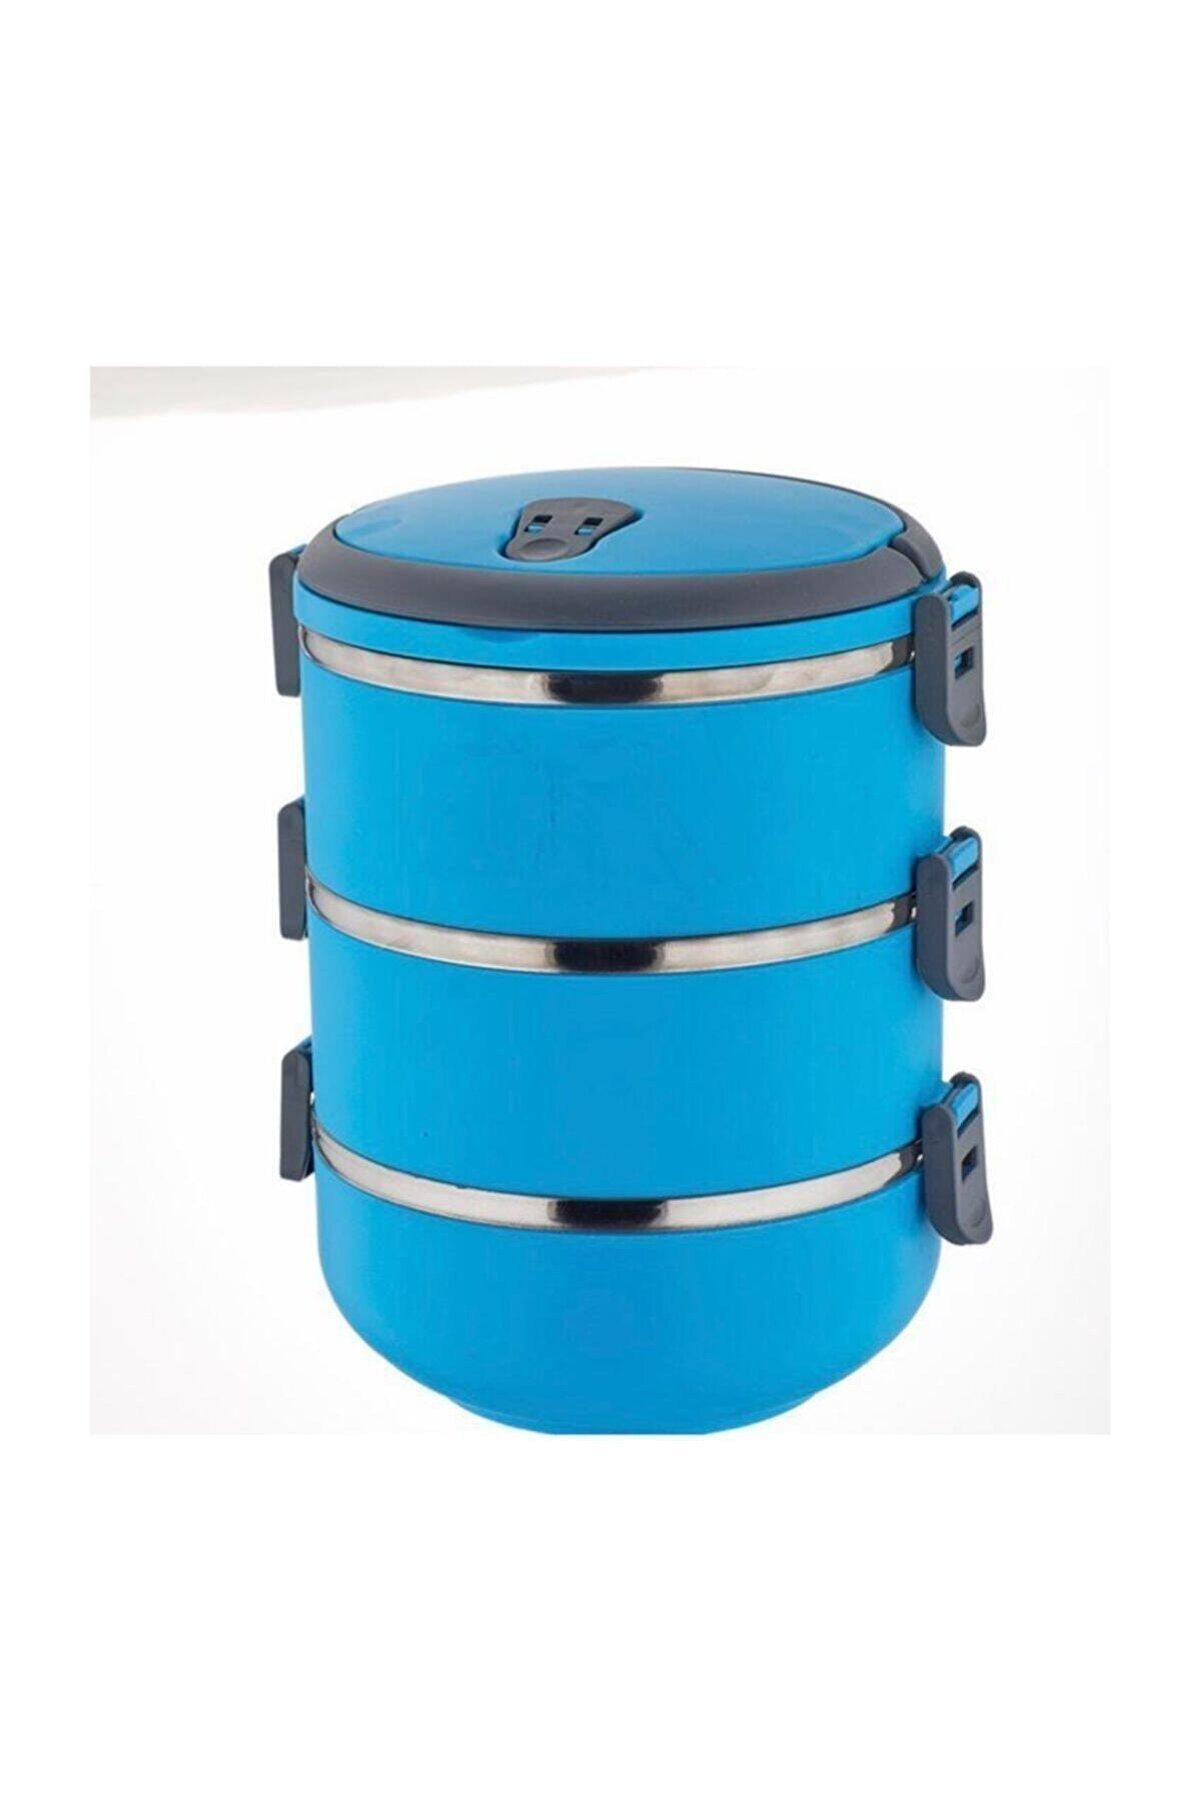 ELBA 3`lü Mandallı Sefer Tası Çelik Yemek Termosu - Mavi